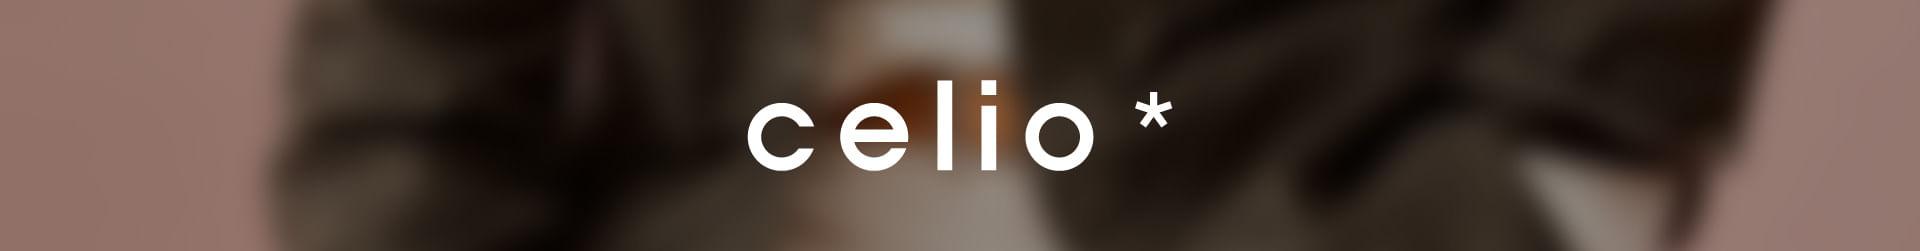 Encuentra todos los productos de la marca Celio